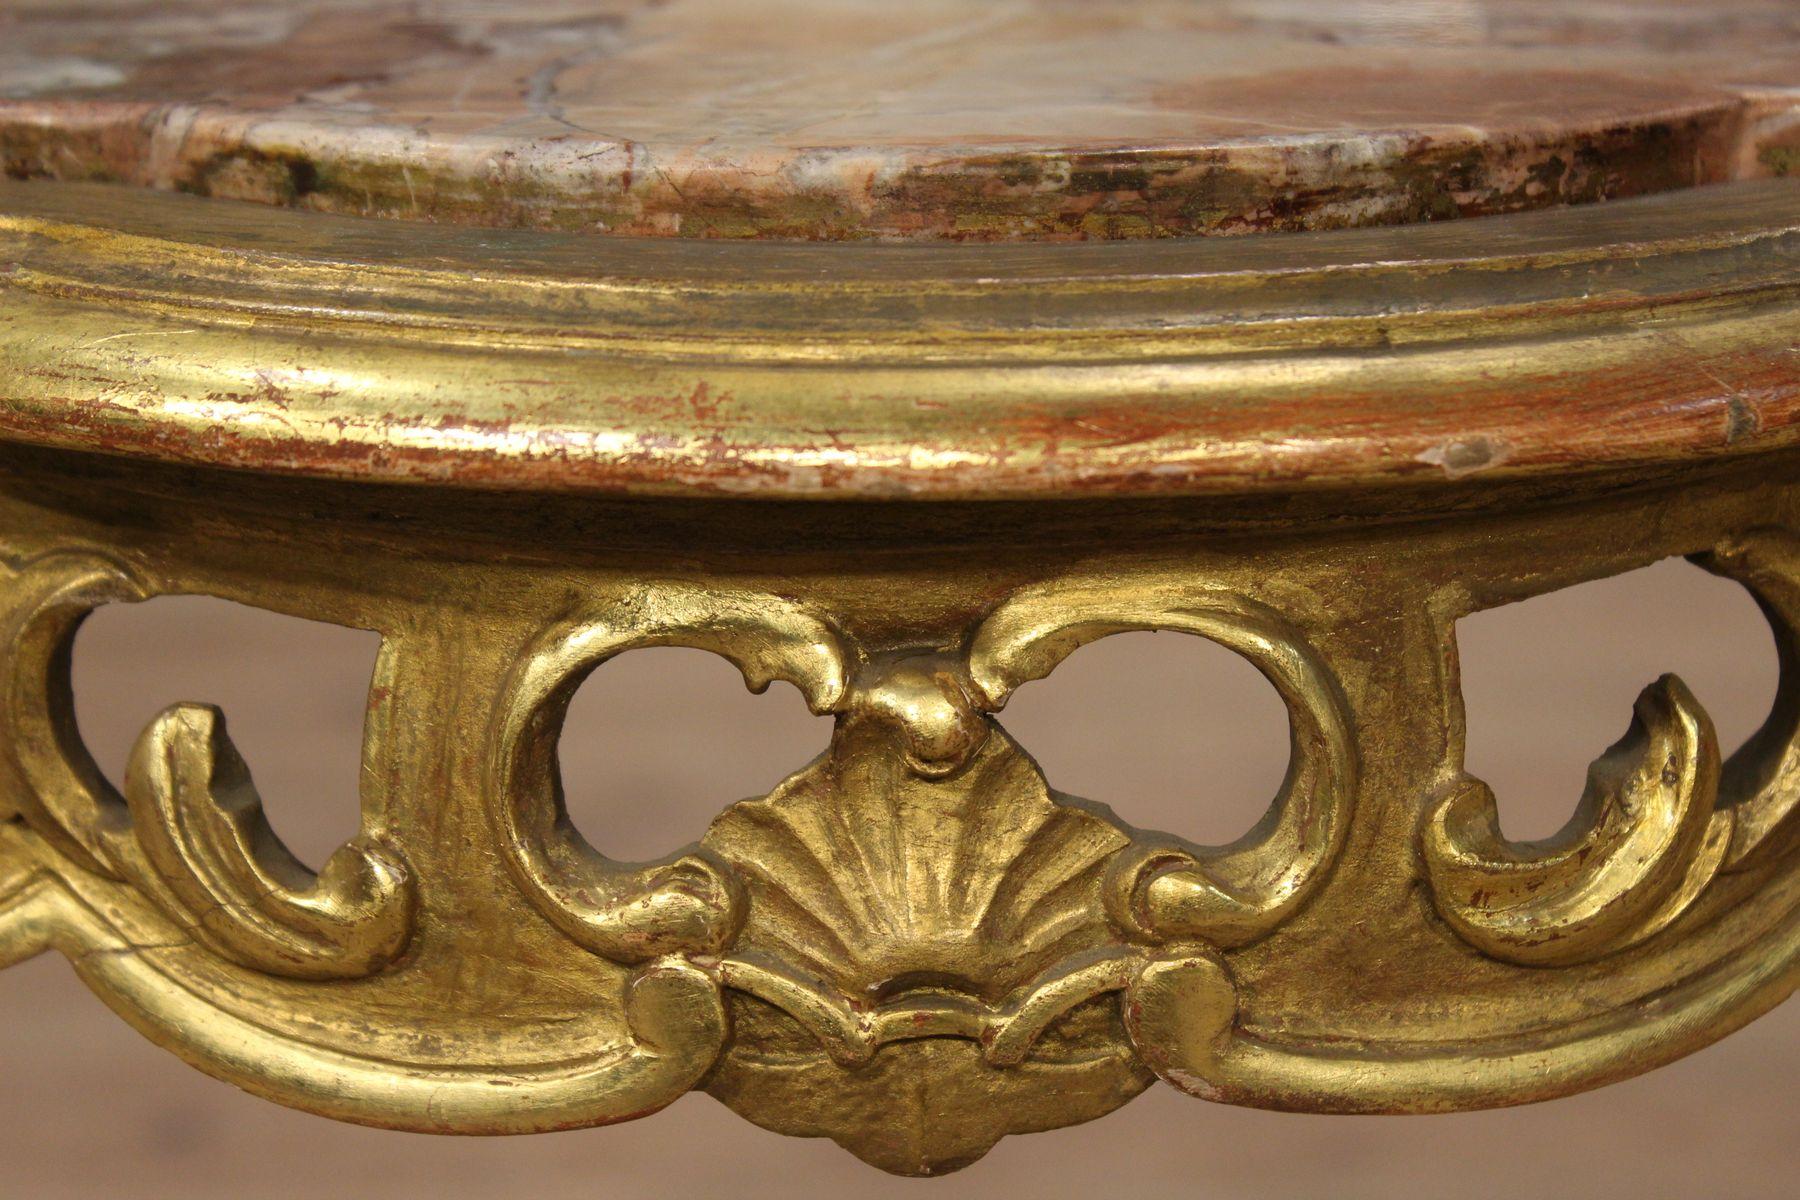 Table Basse Vintage avec Dessus en Marbre, Italie en vente sur Pamono -> Table Basse Avec Dessus En Marbre